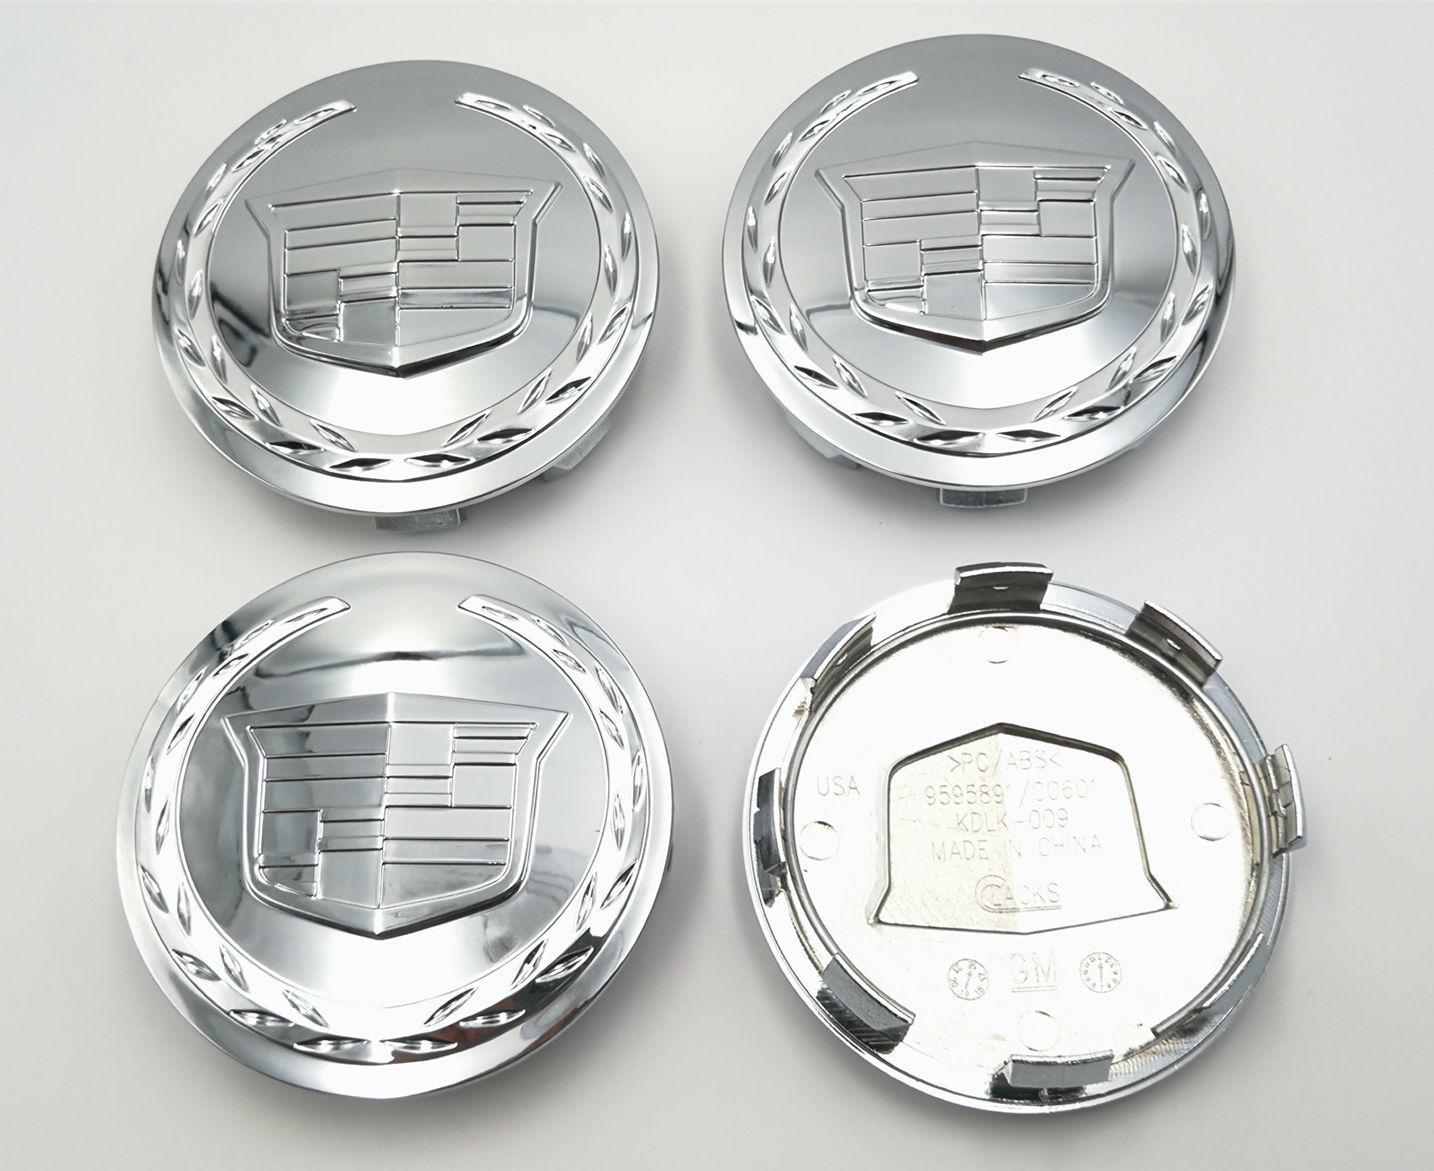 """4 x Chome Center Cap 3.25/"""" For Cadillac Escalade 2005-2013 18/"""" 20/"""" 22/"""" 9595891"""